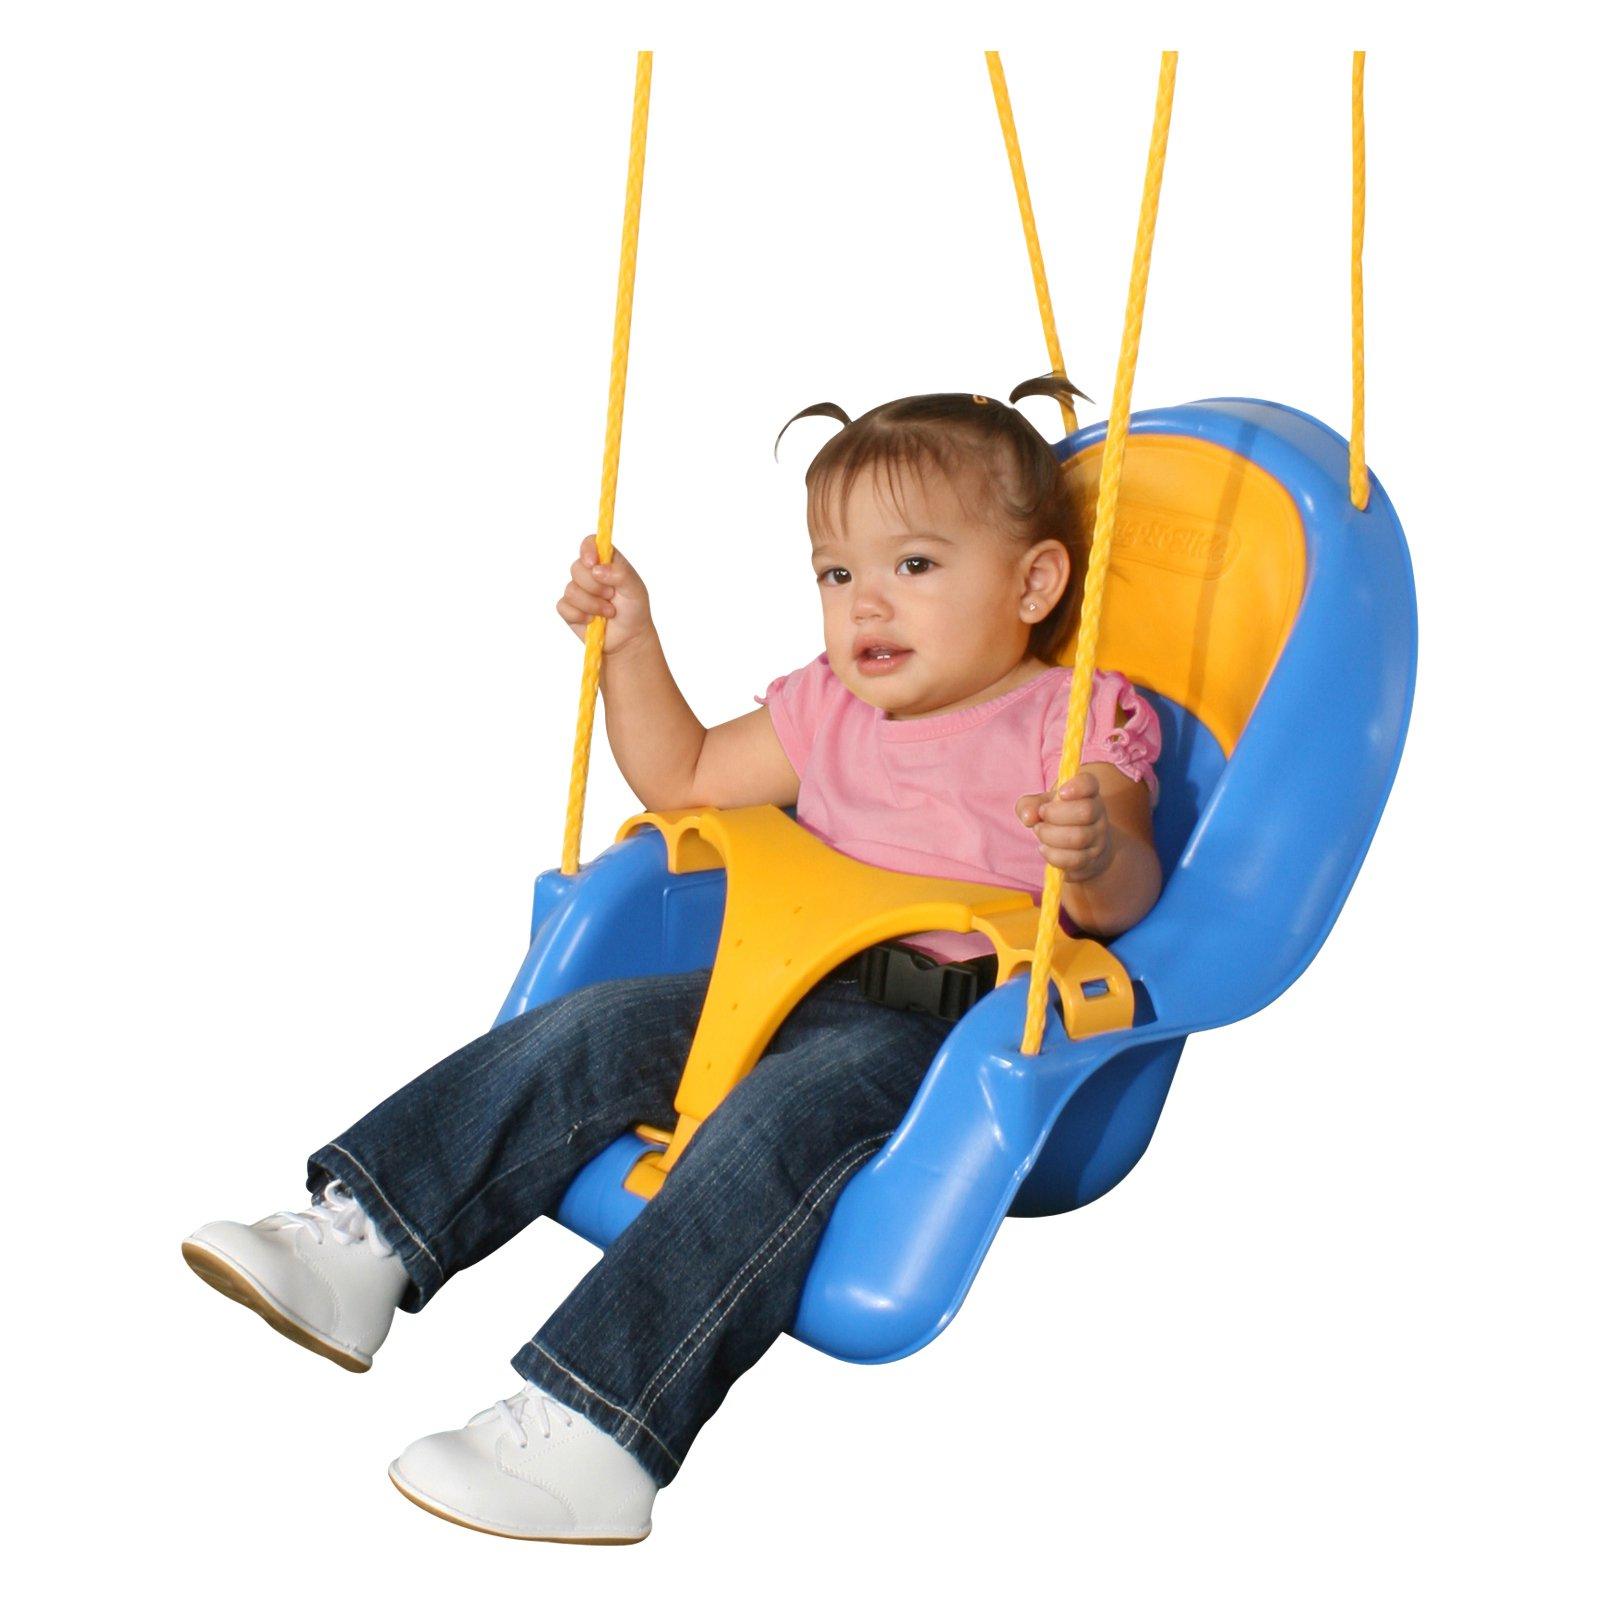 Outdoor baby swing - Outdoor Baby Swing Outdoor Baby Swing 36